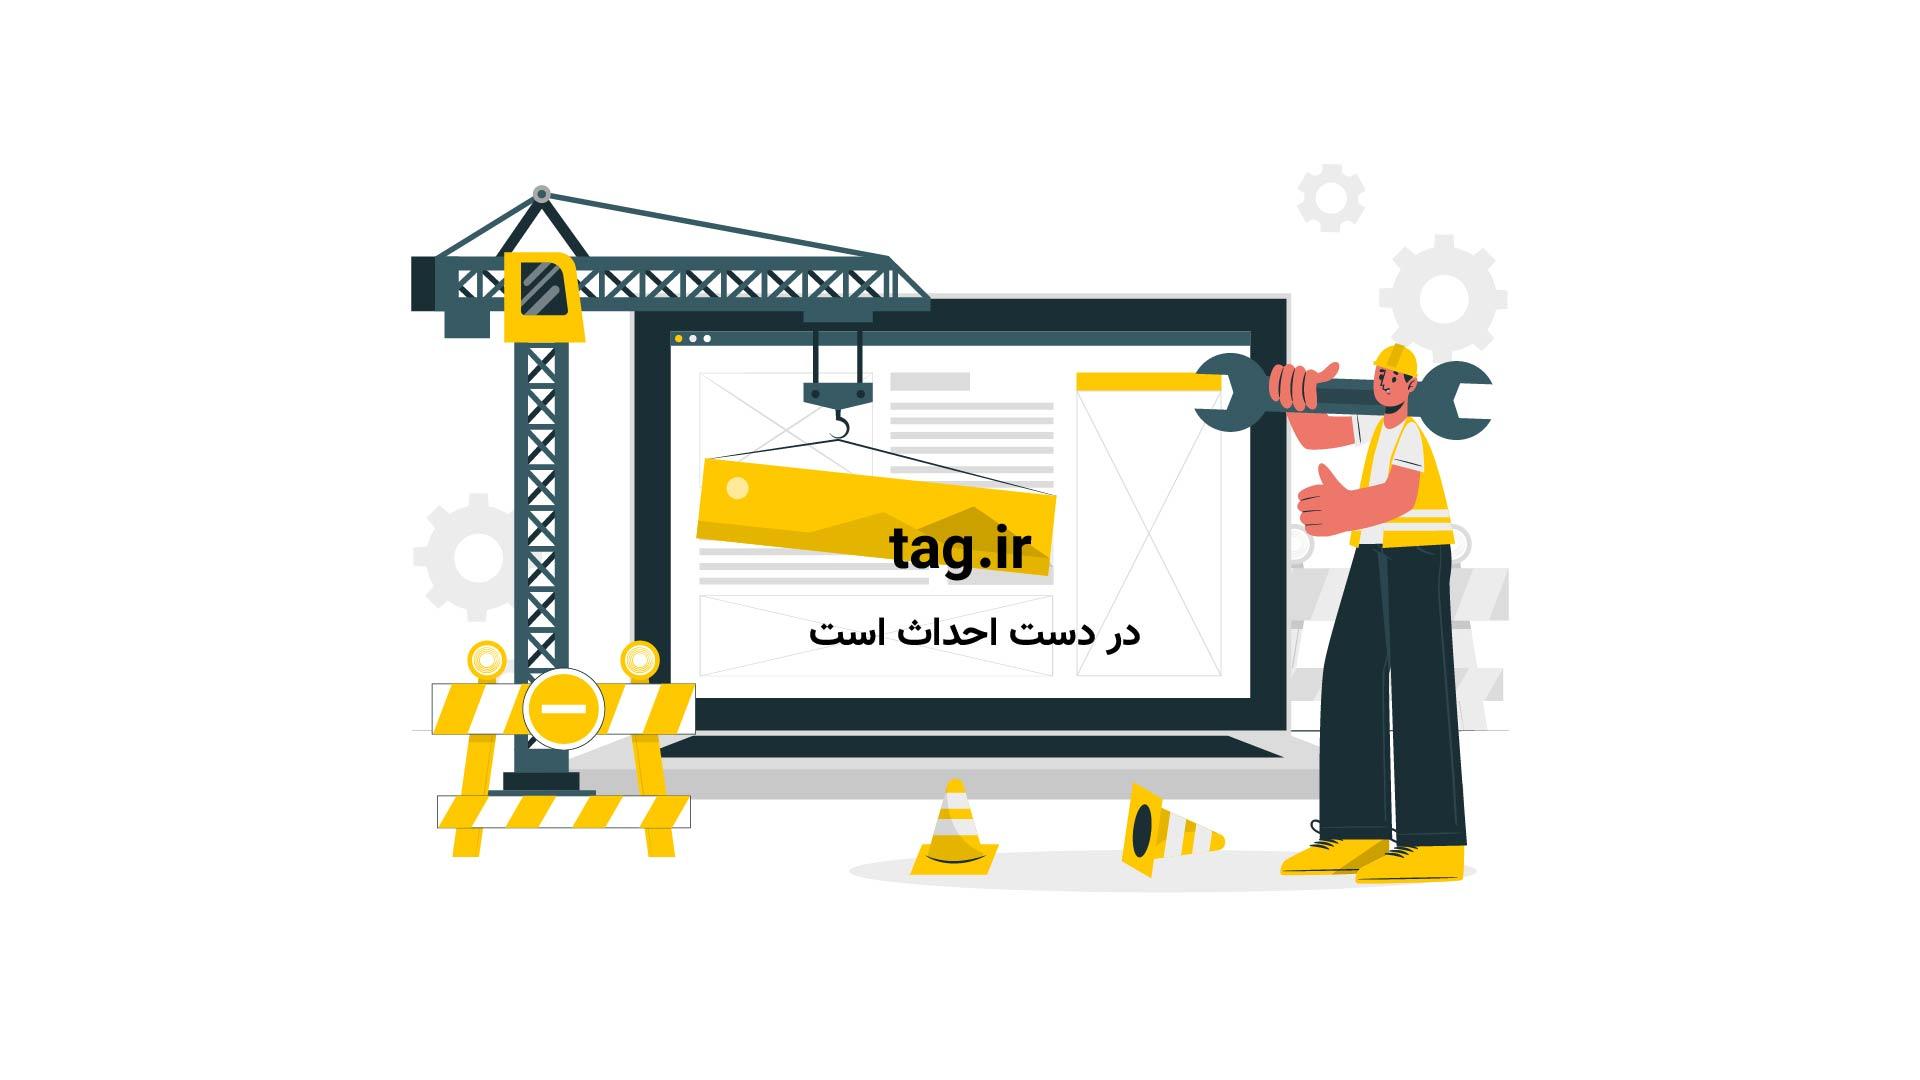 نظر طرفداران ترامپ دراره منع مهاجرت تگ